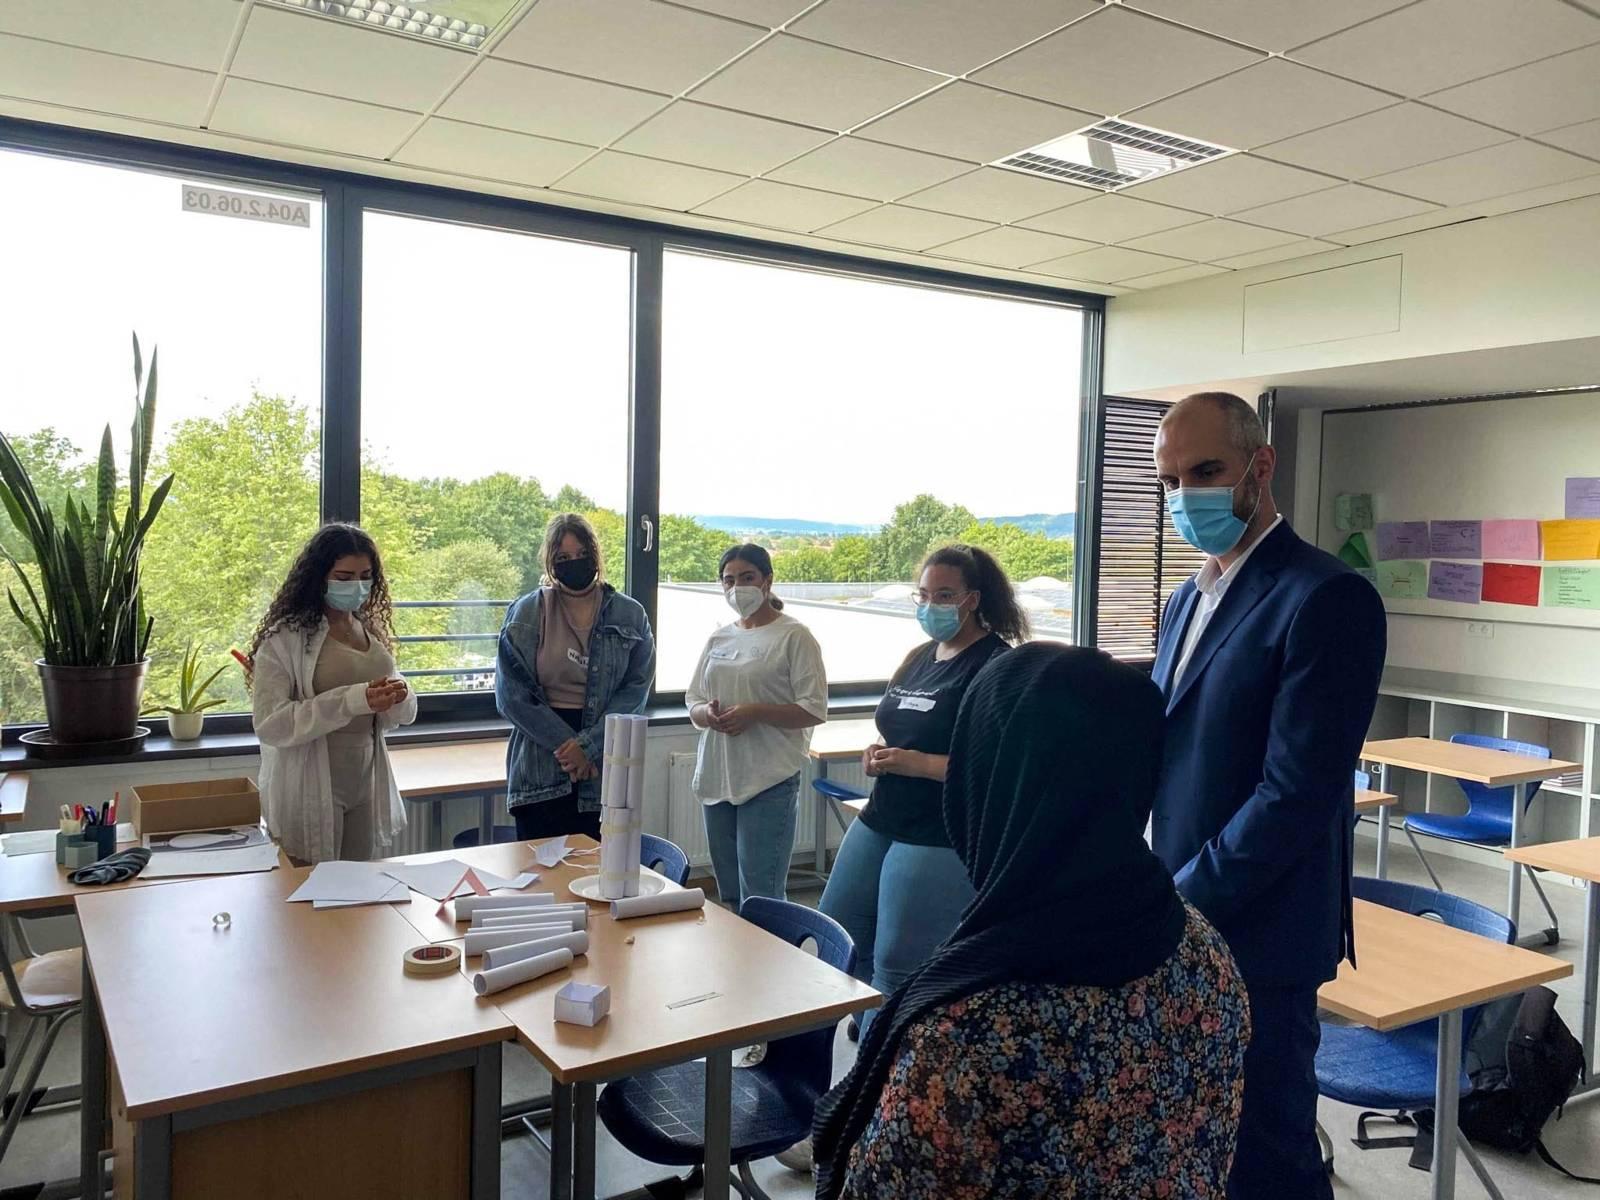 Oberbürgermeister Onay im Gespräch mit Schülerinnen im einem Klassenzimmer.